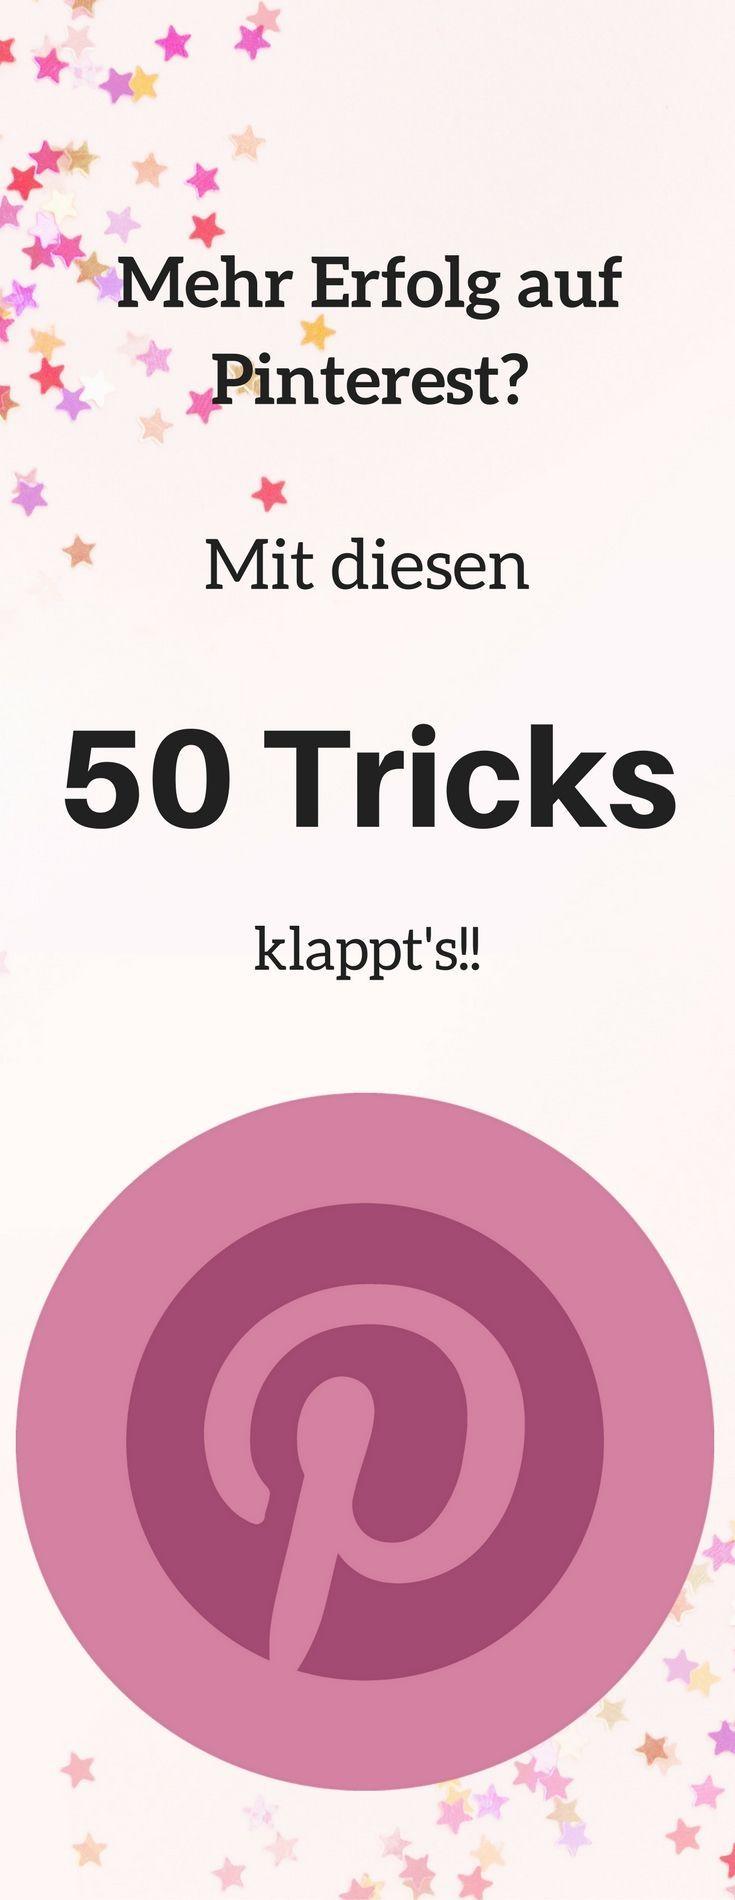 #erfolg #pinterest #tricks #50